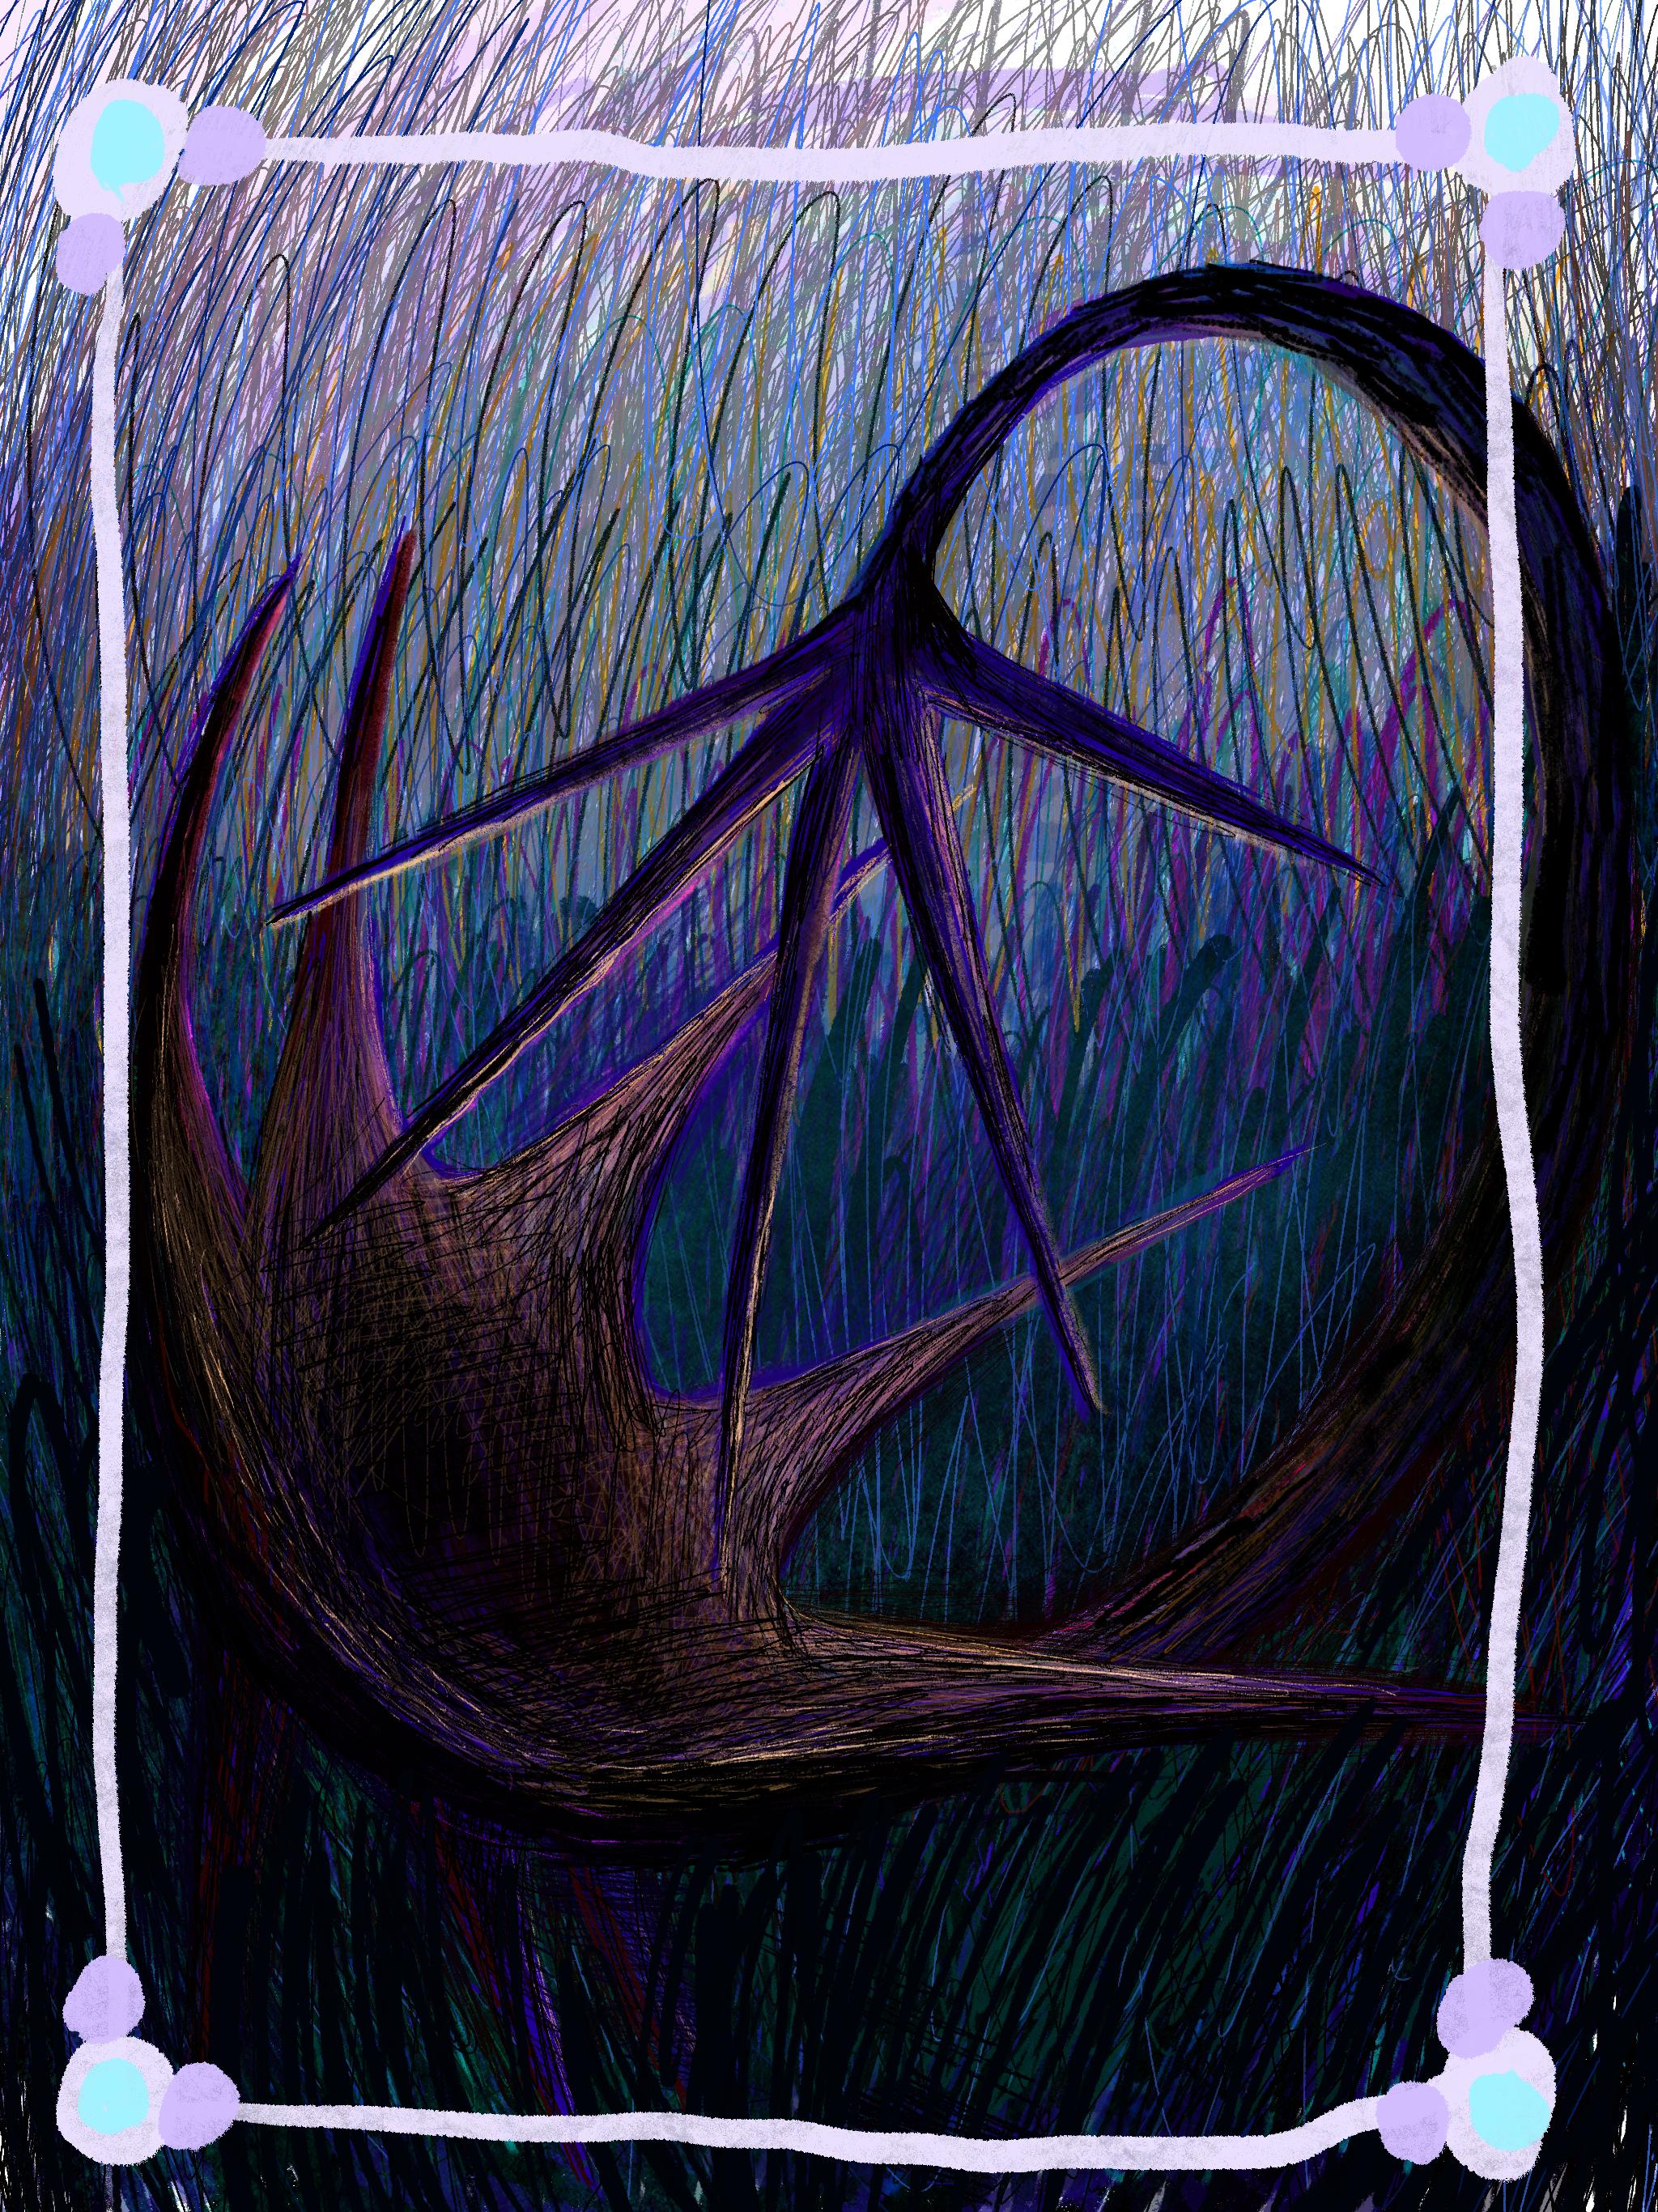 Dead-Flower-Dance.PNG, 2021, 2048×2732px